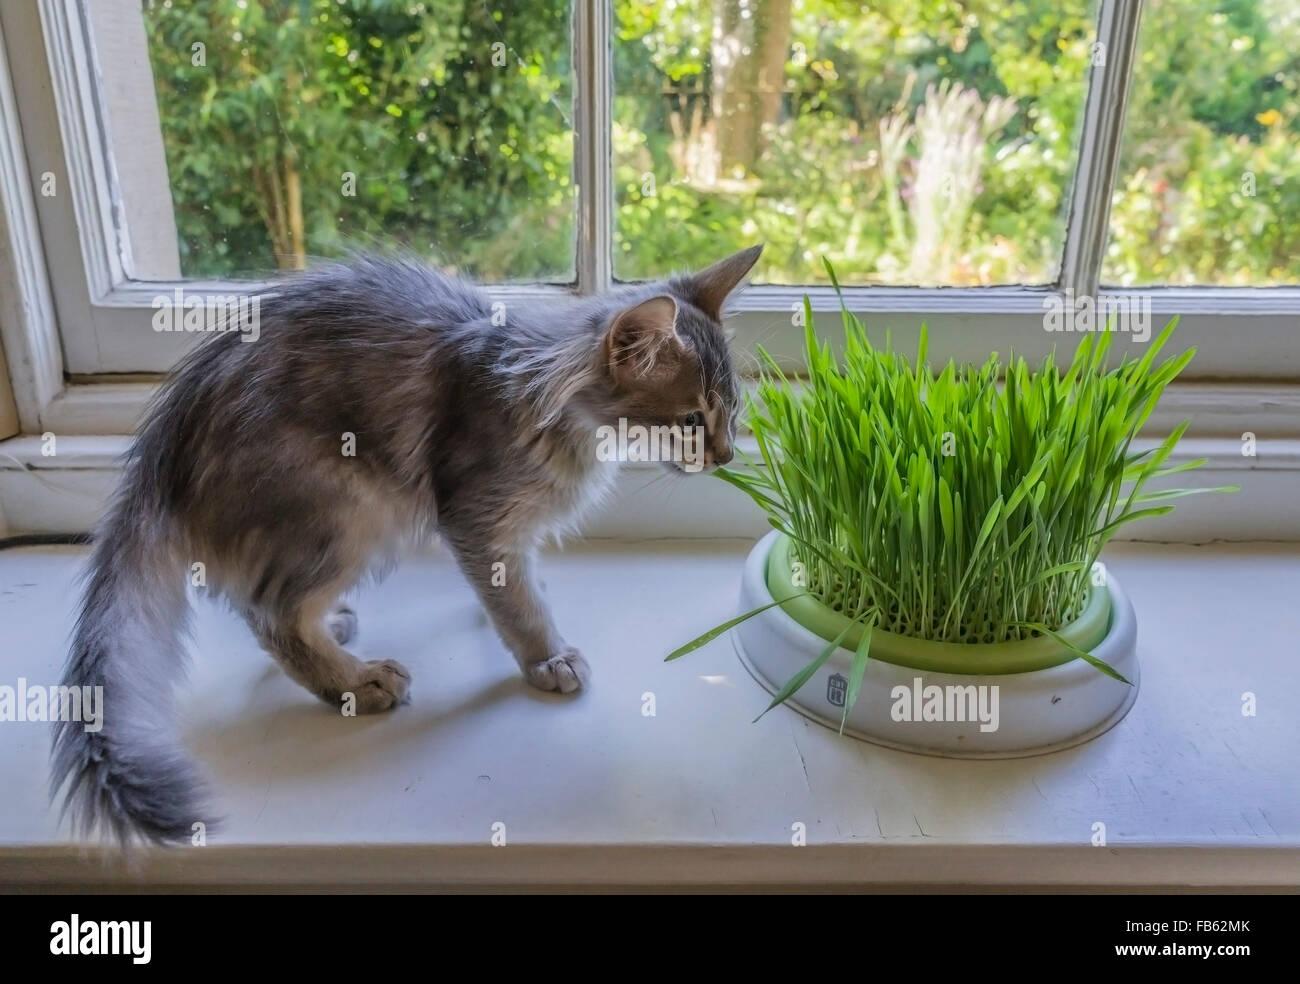 Enquête sur herbe de chat chaton pour compléter l'alimentation et la santé. Photo Stock